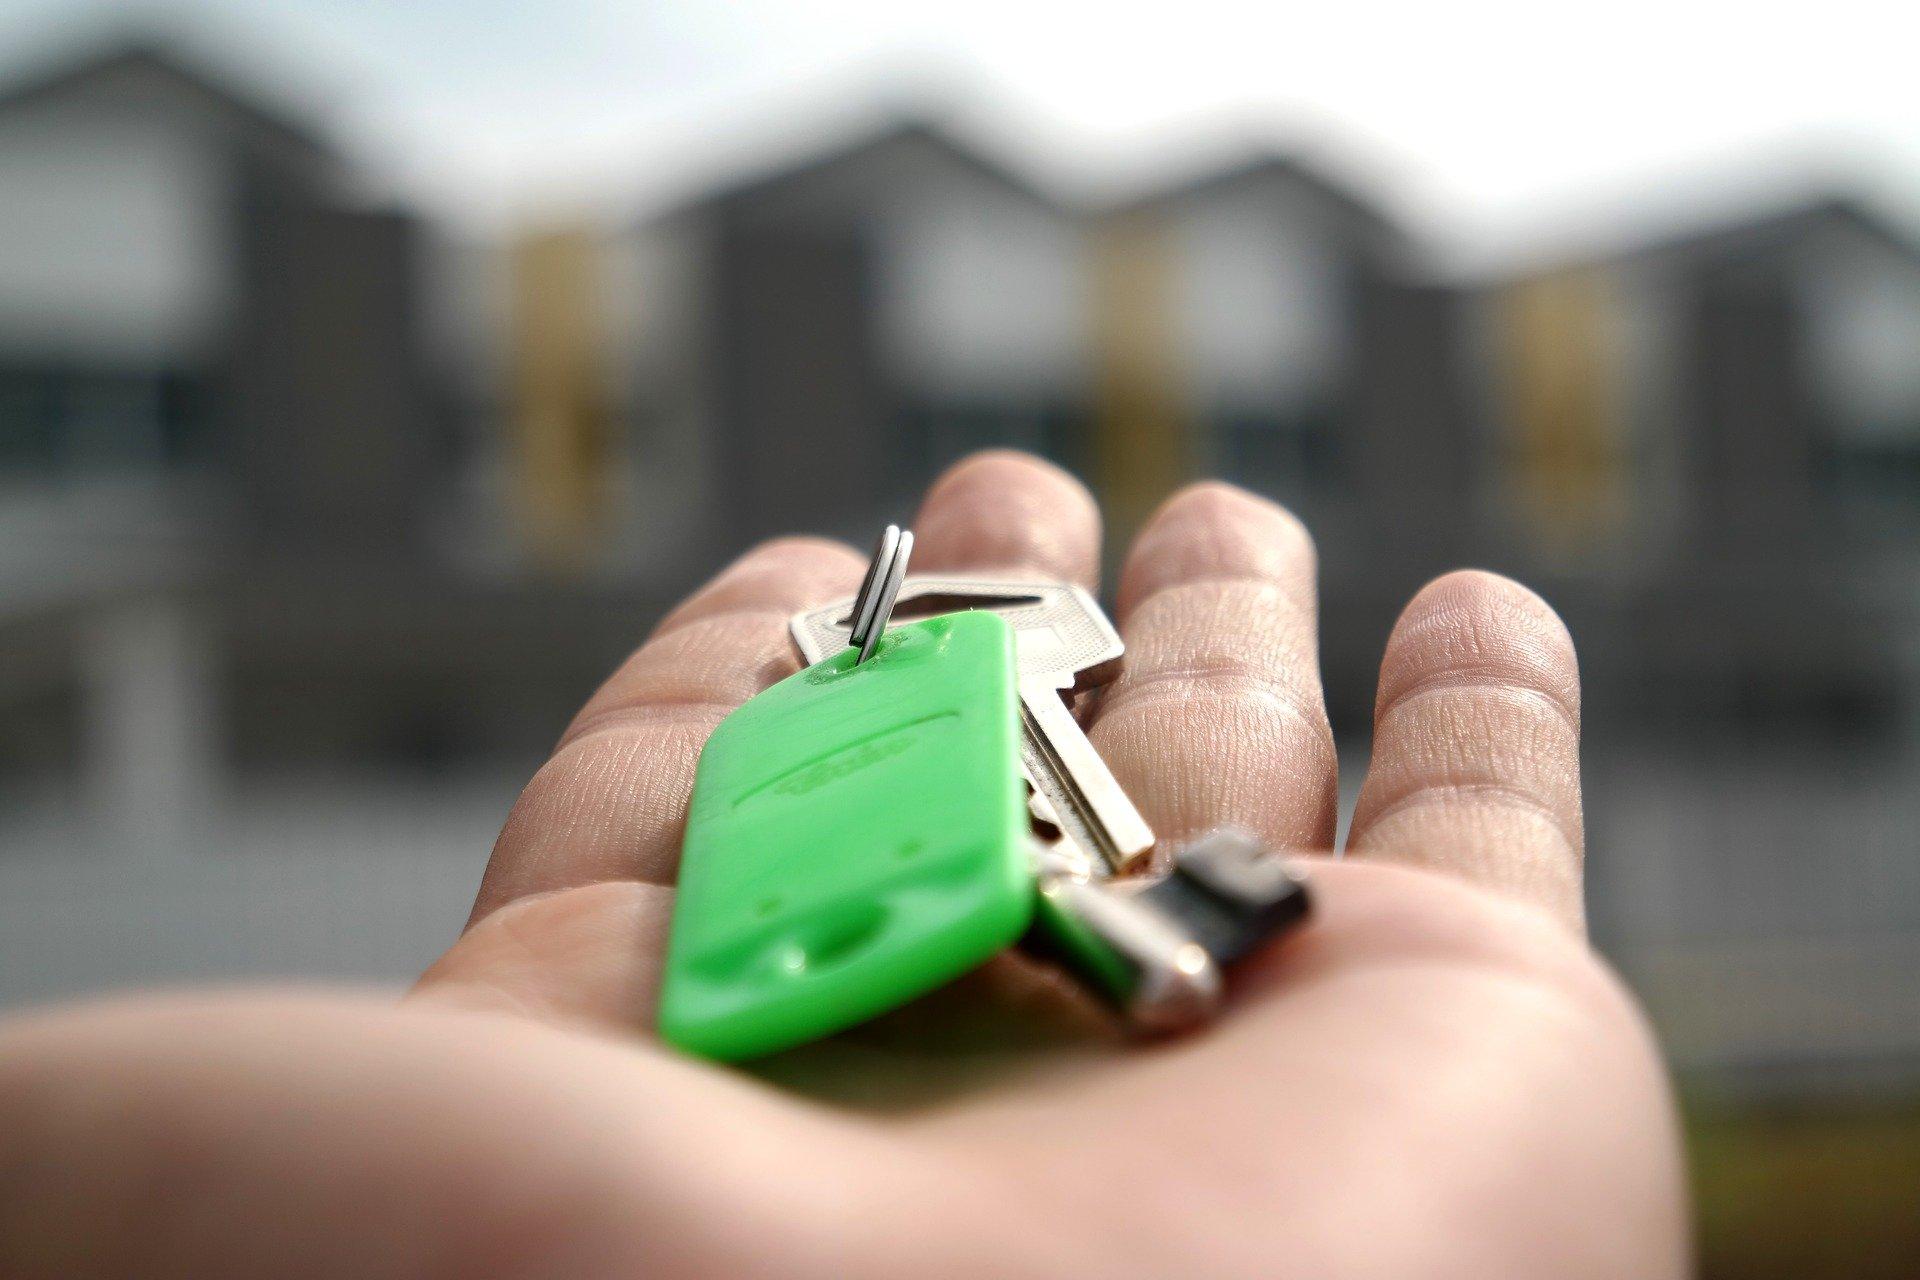 Achat immobilier : que choisir entre maison ou appartement ?